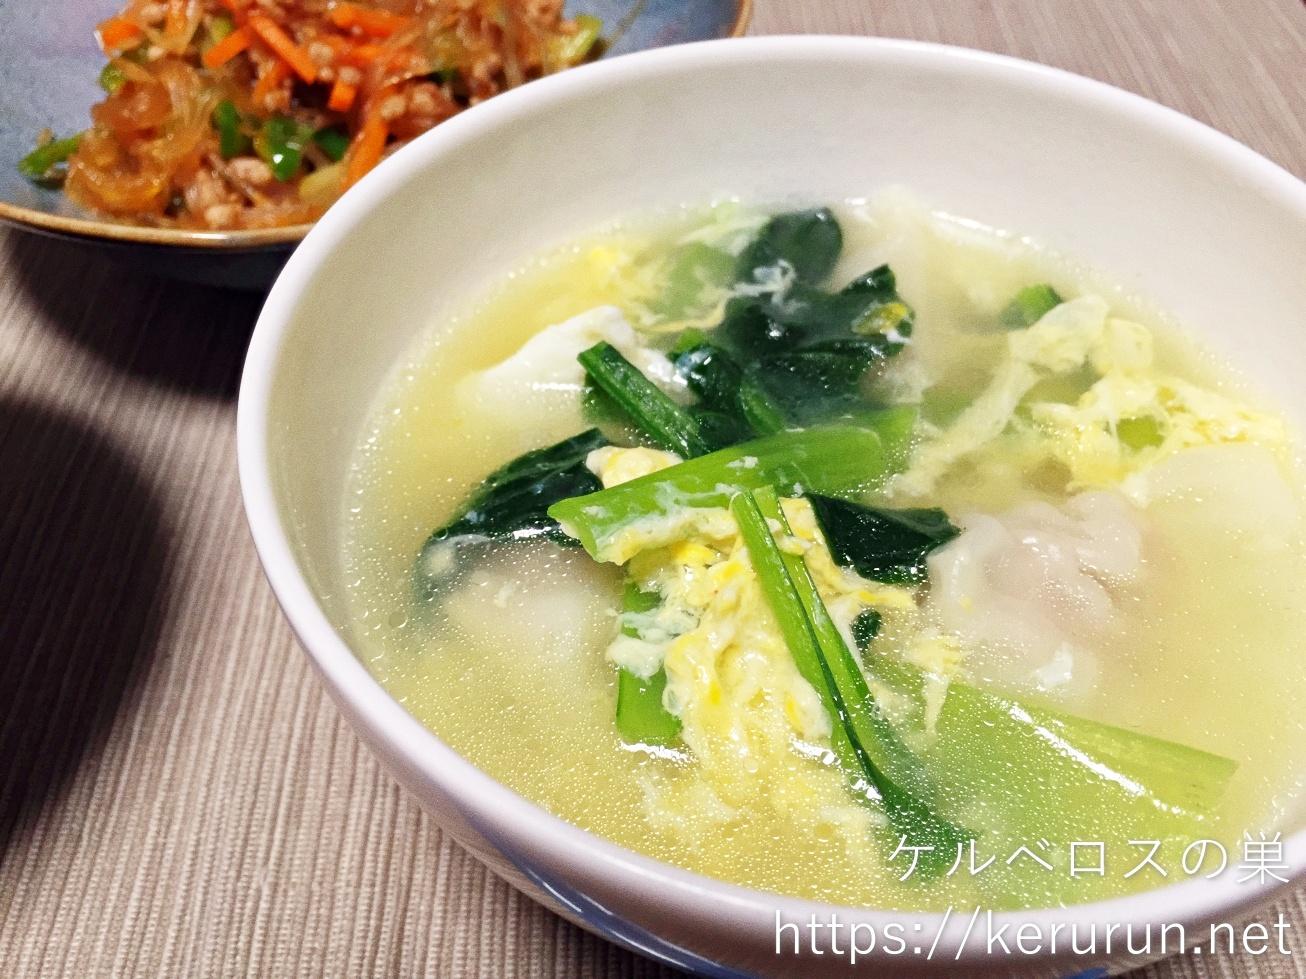 パルシステムのお料理セット「四川風麻辣(マーラー)春雨」で晩ごはん【一汁一菜】